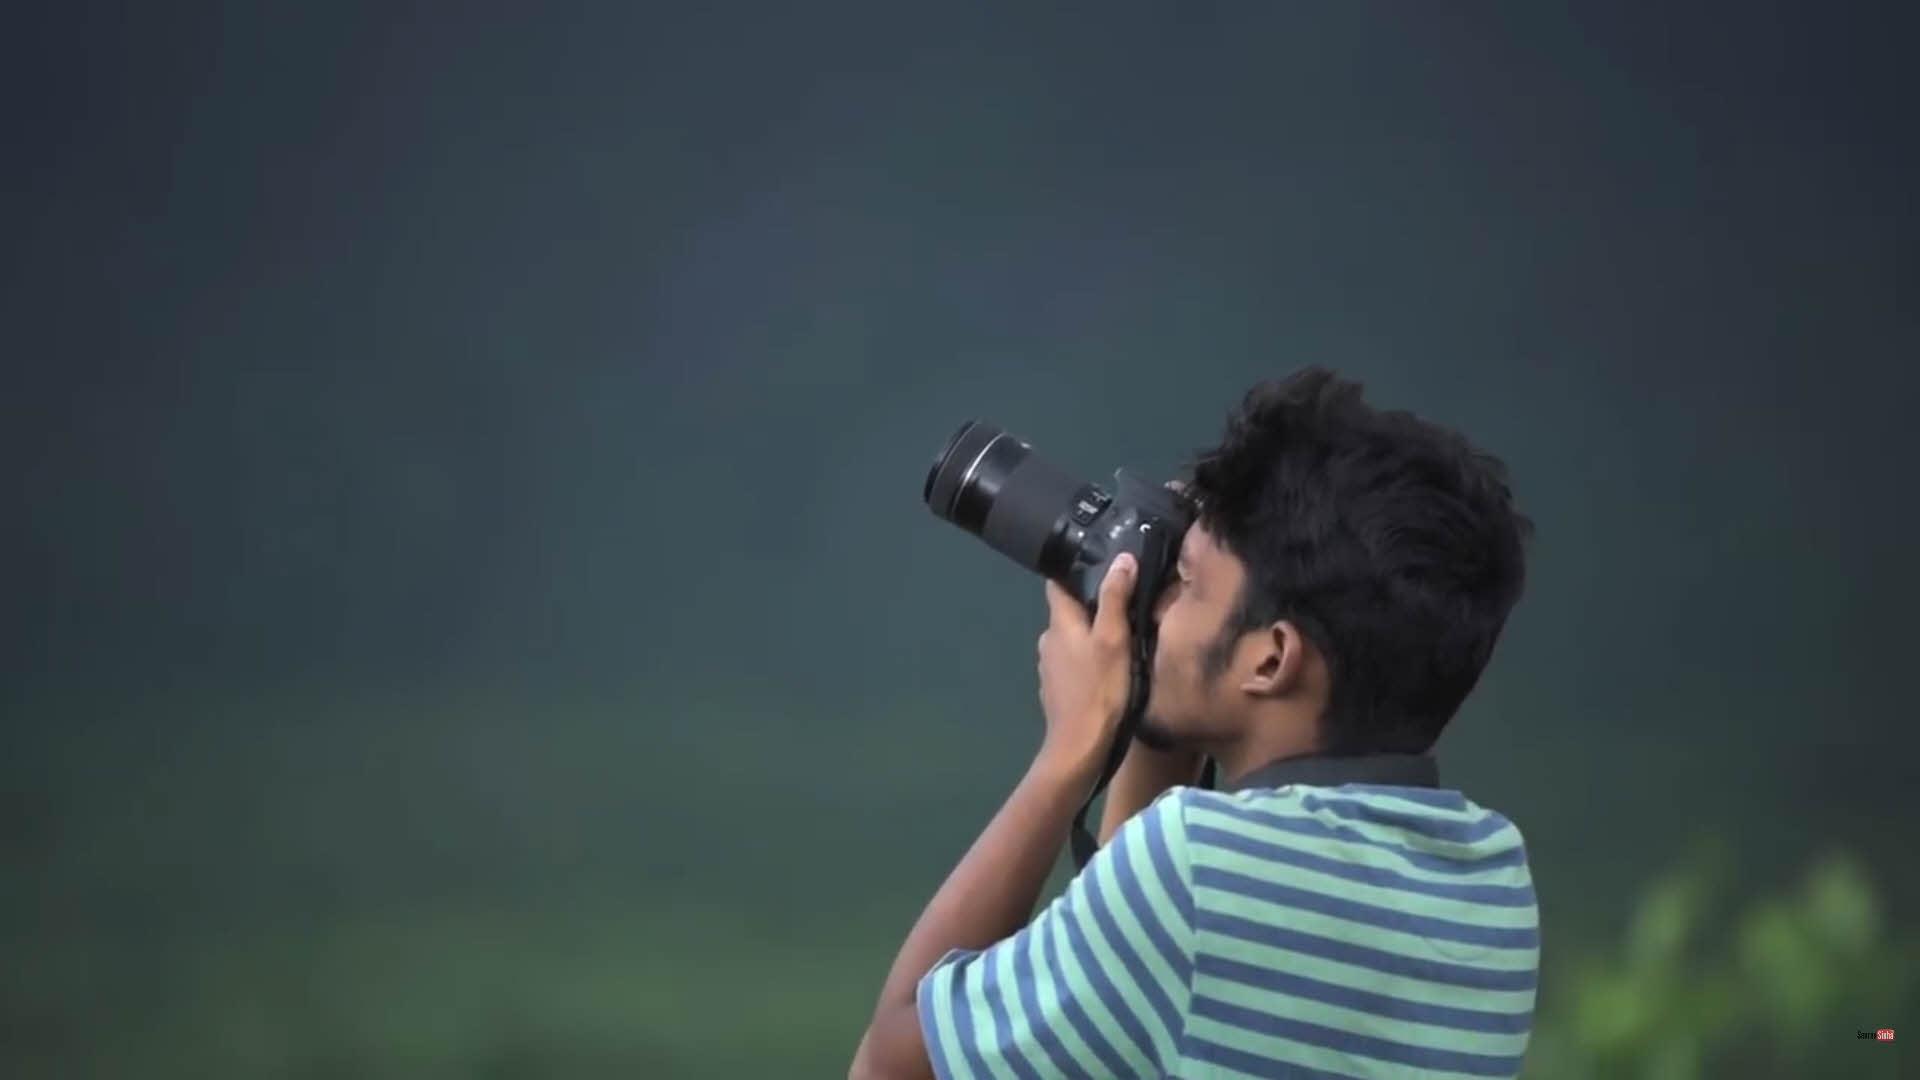 拍攝風景時,要先以天空作為測光依據